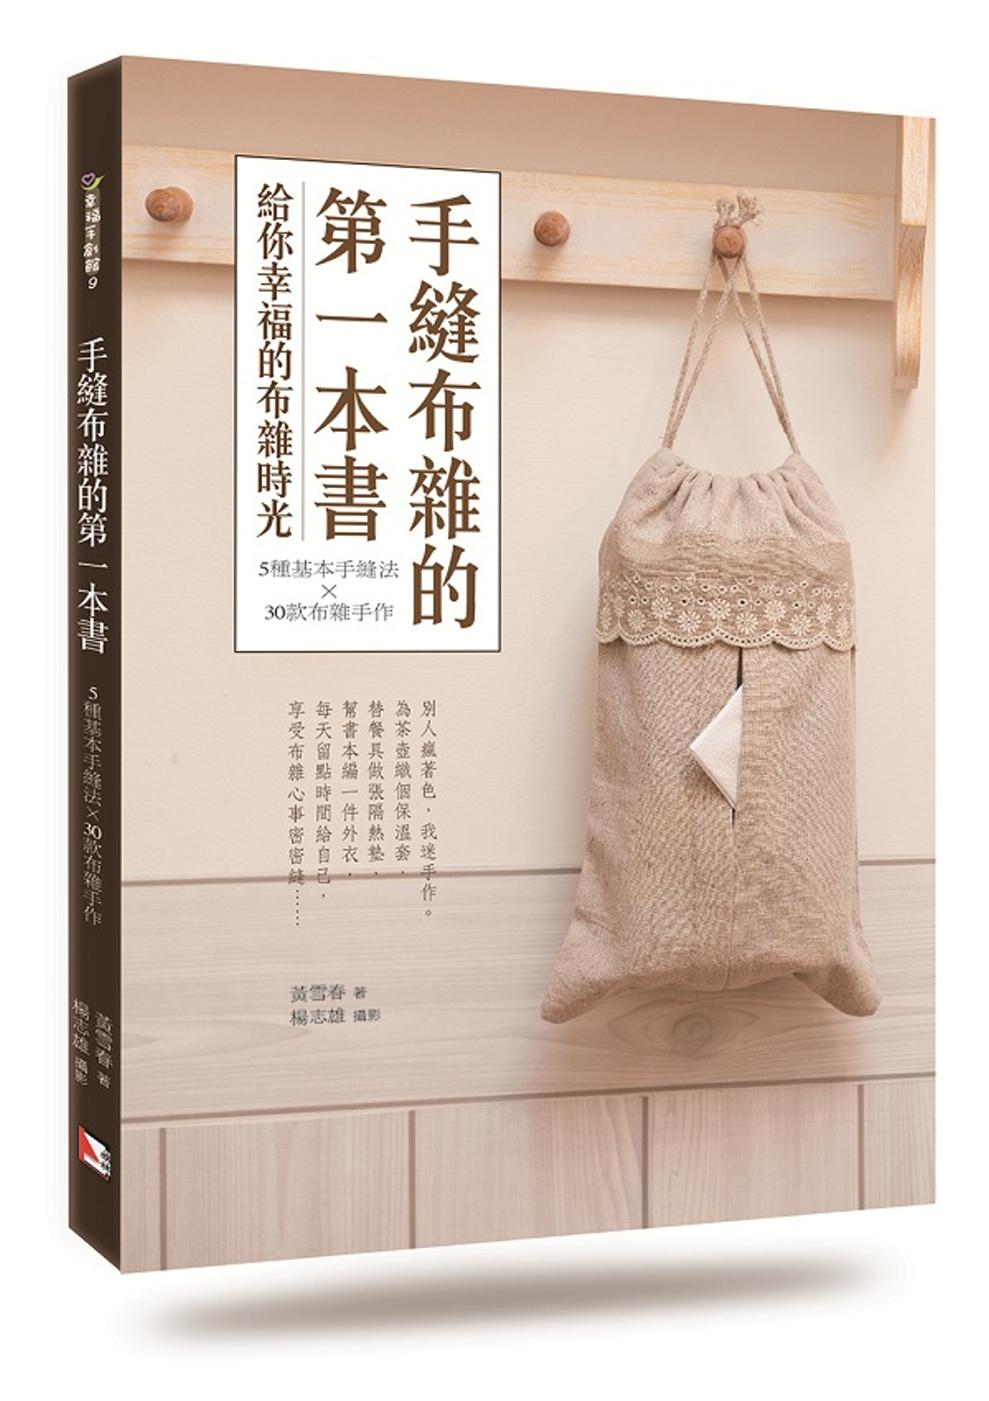 手縫布雜的第一本書:5種 手縫法X30款布雜手作